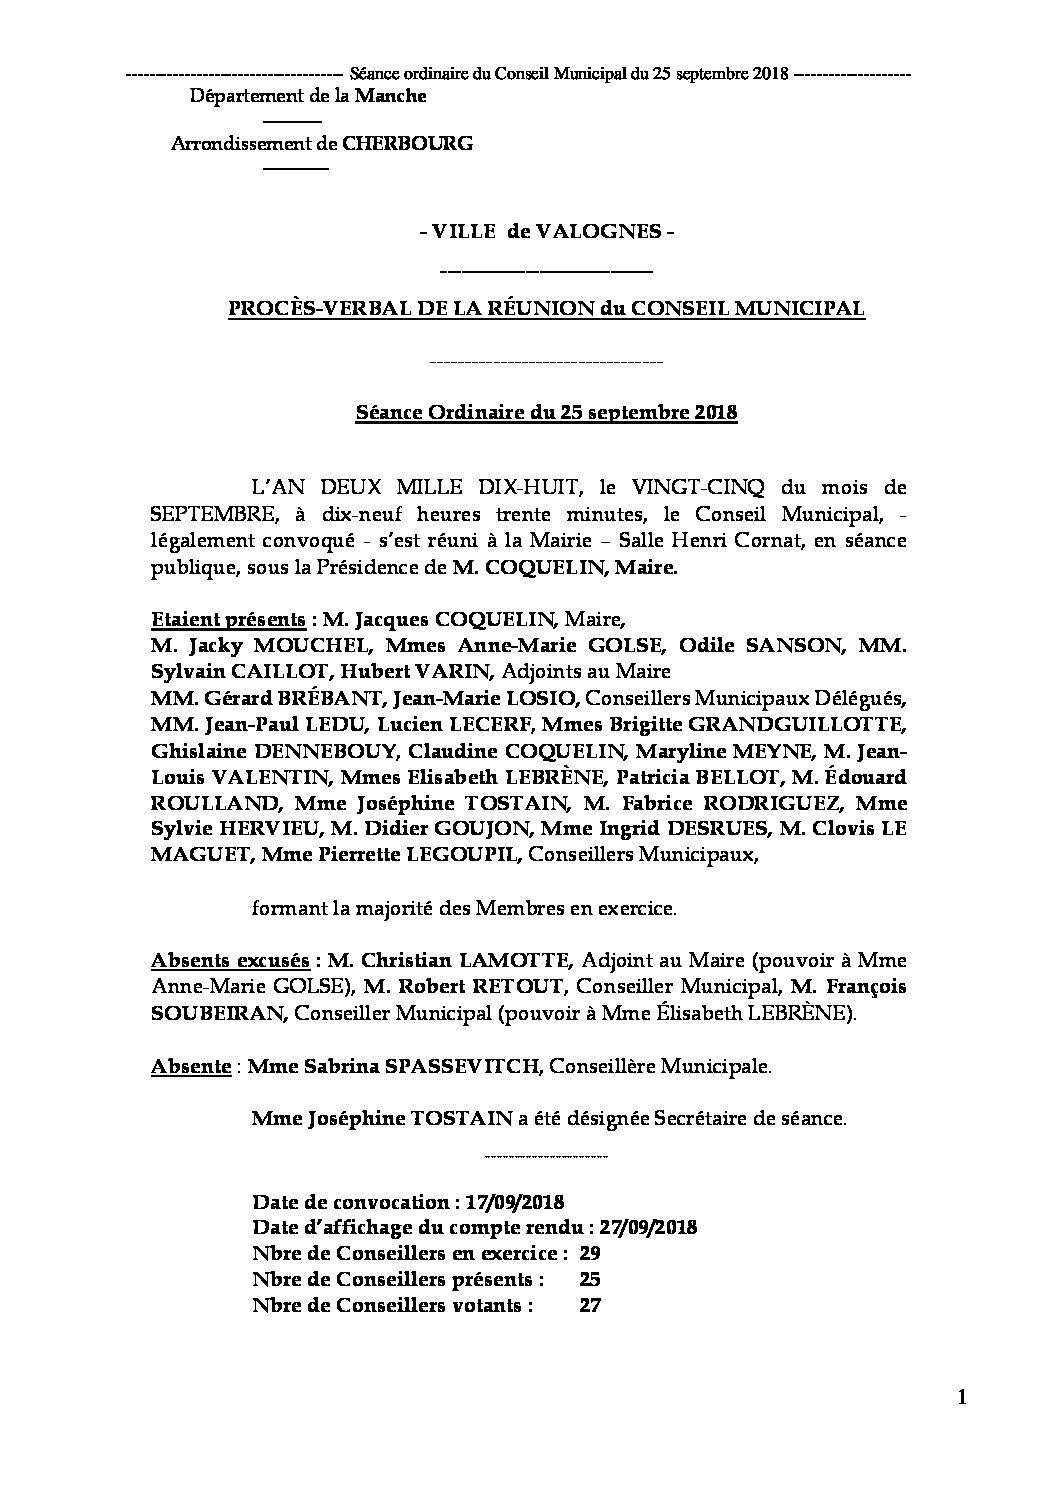 Procès-verbal de Conseil Municipal - Procès-verbal de la réunion du Conseil Municipal du 25 septembre 2018, approuvé à l'unanimité lors de la séance du 10 décembre 2018.